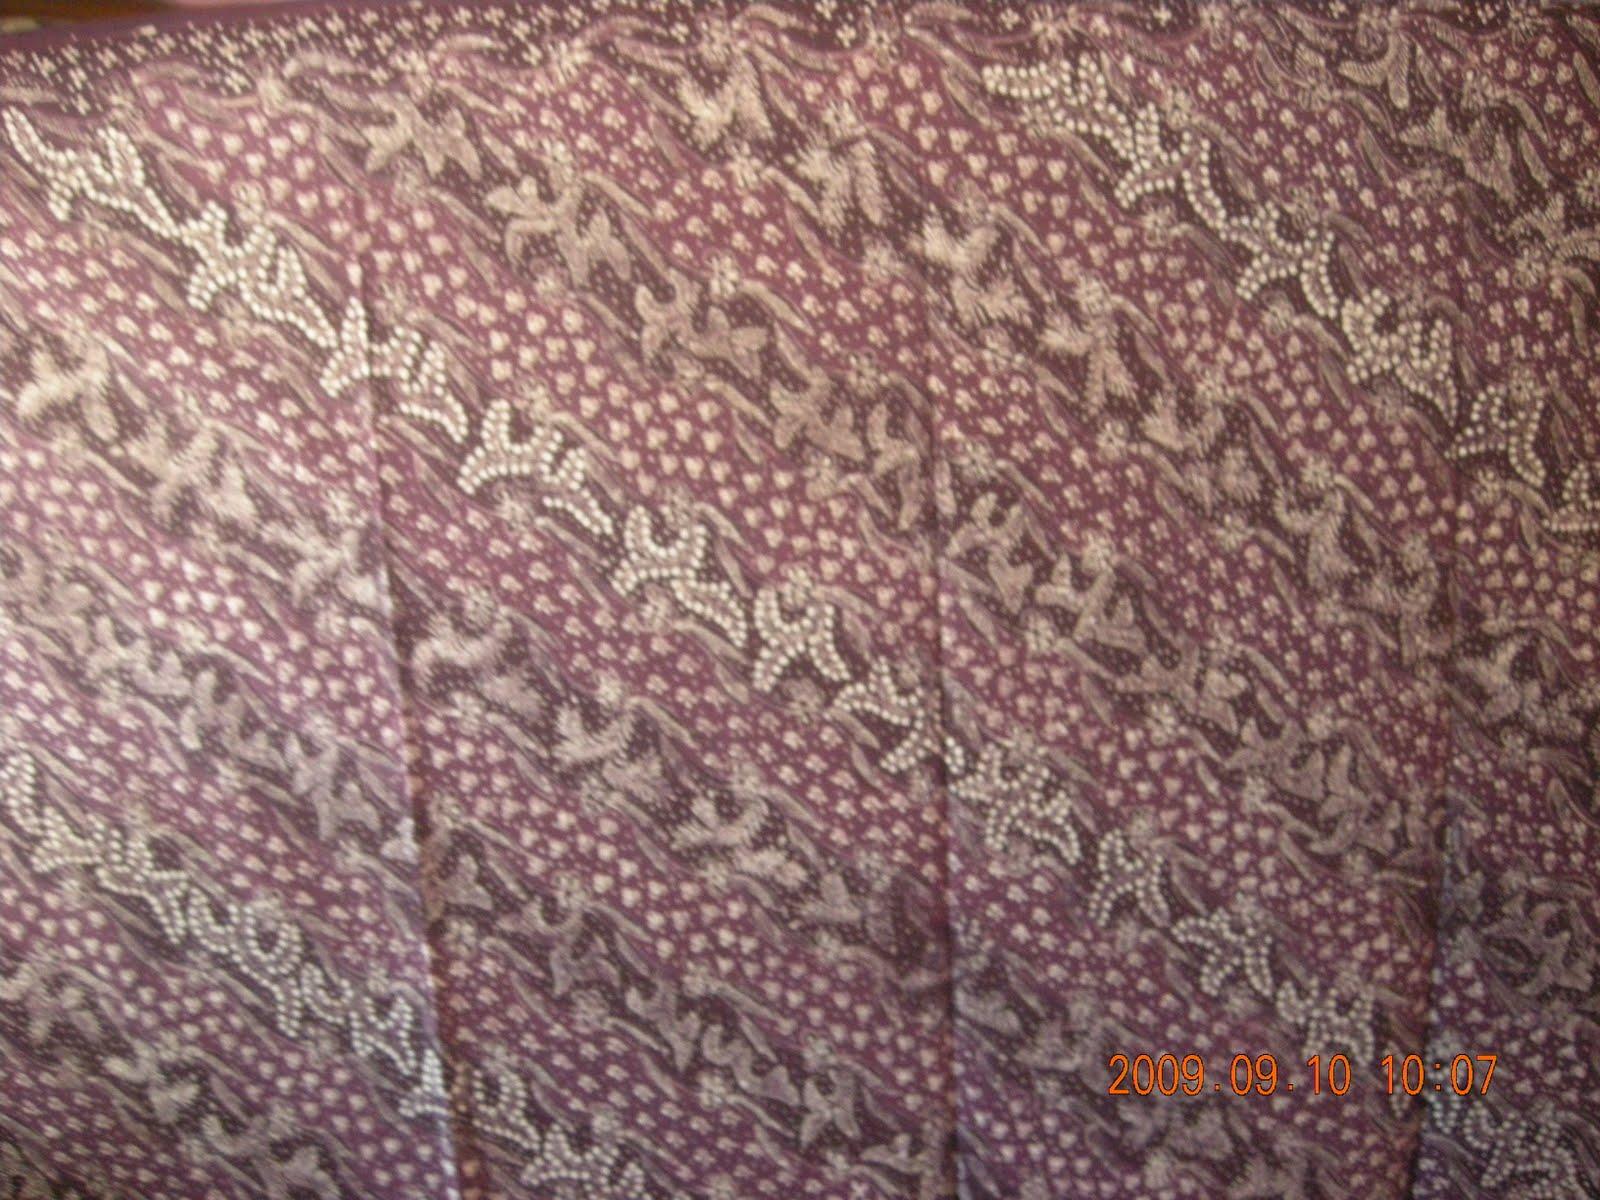 Motif Lerekan Ukuran 110 cm x 240 cm Harga Rp 400 000 Jenis Batik Tulis Produksi Batik Tulis Lasem Warna Tersedia Putih Kombinasi Coklat